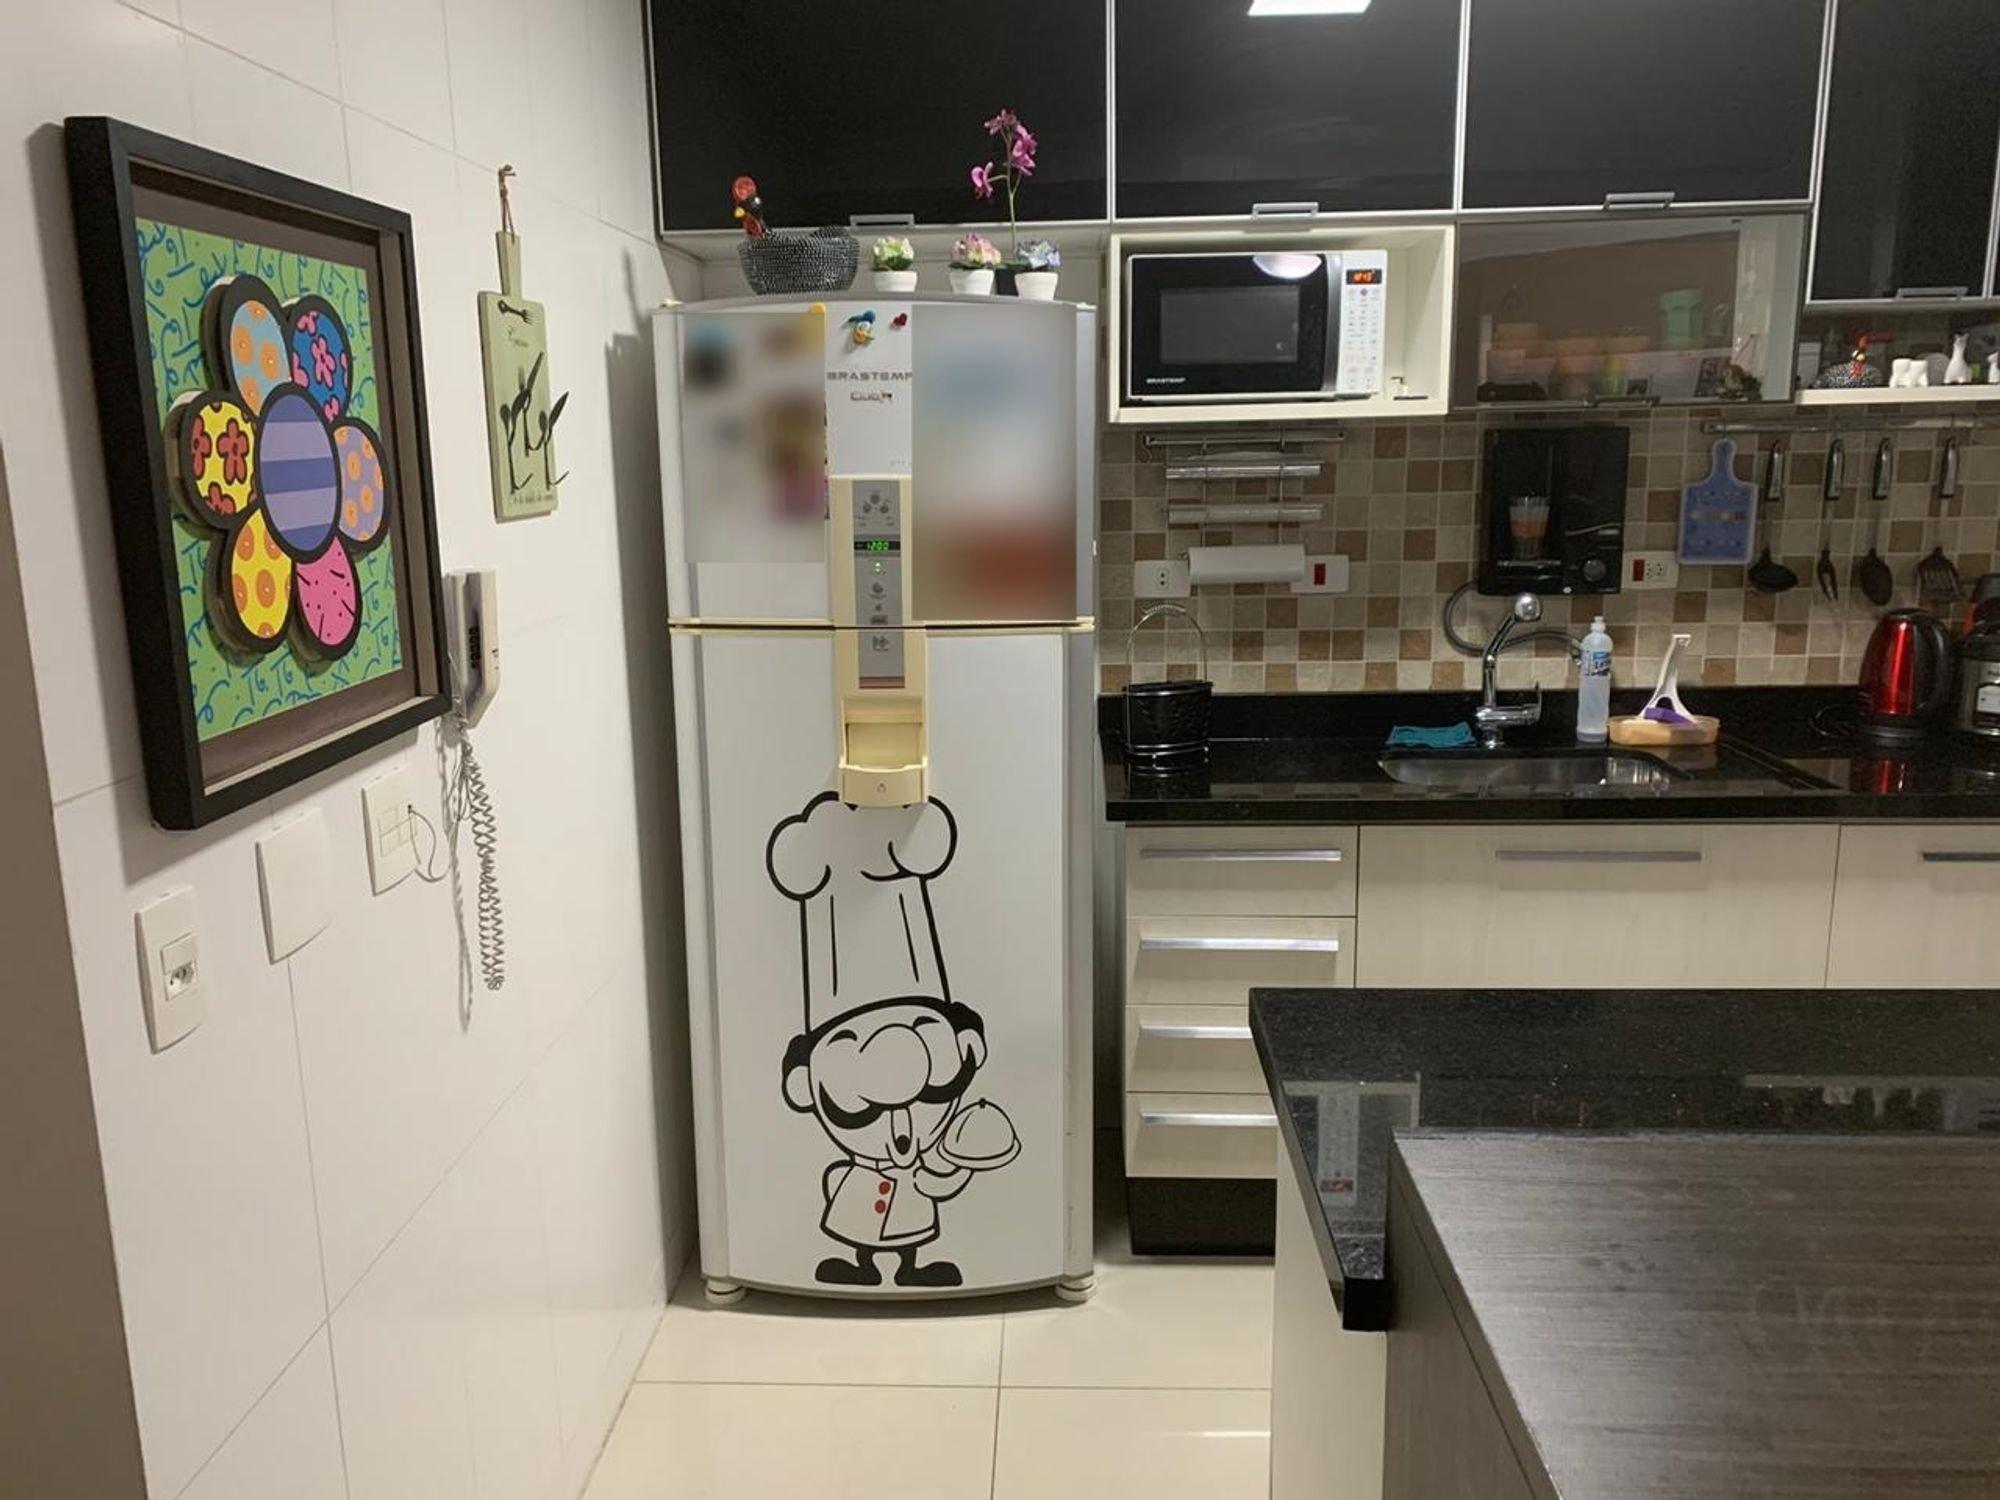 Foto de Cozinha com garrafa, tigela, geladeira, pia, microondas